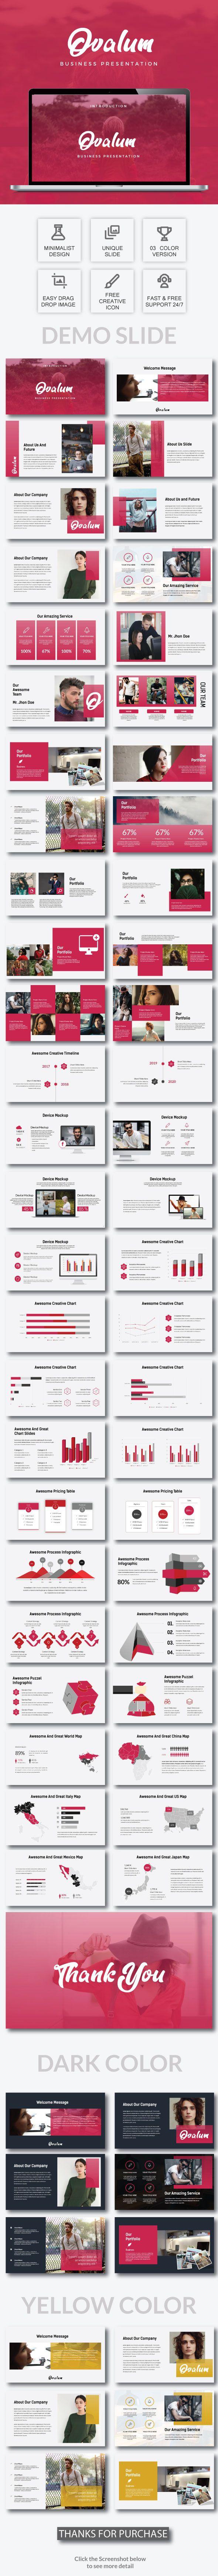 best 25+ google docs logo ideas on pinterest | google drive logo, Presentation templates